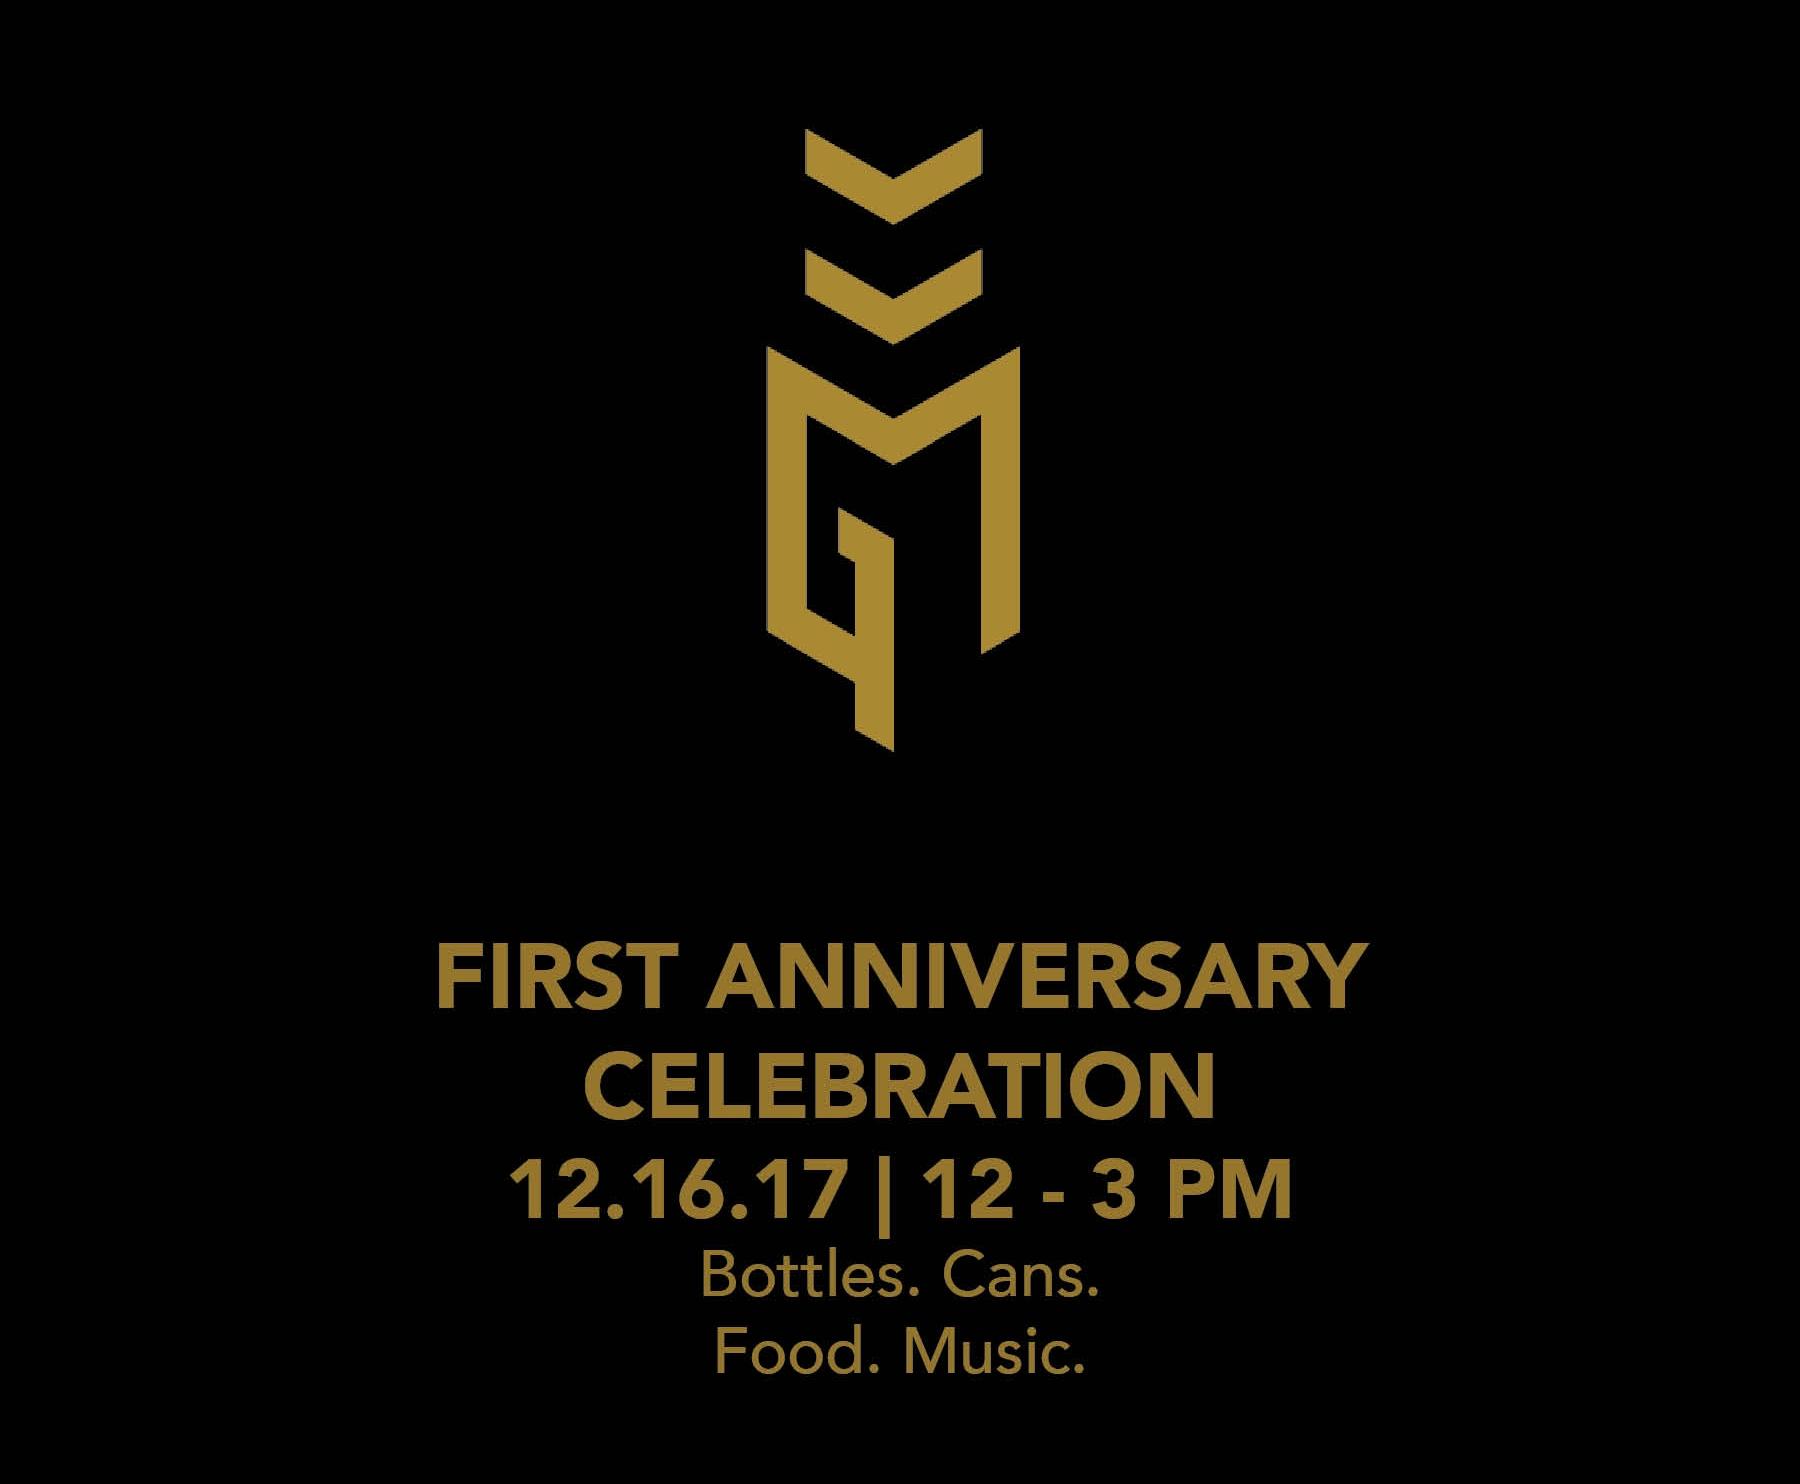 Anniversary Email Invite.jpg